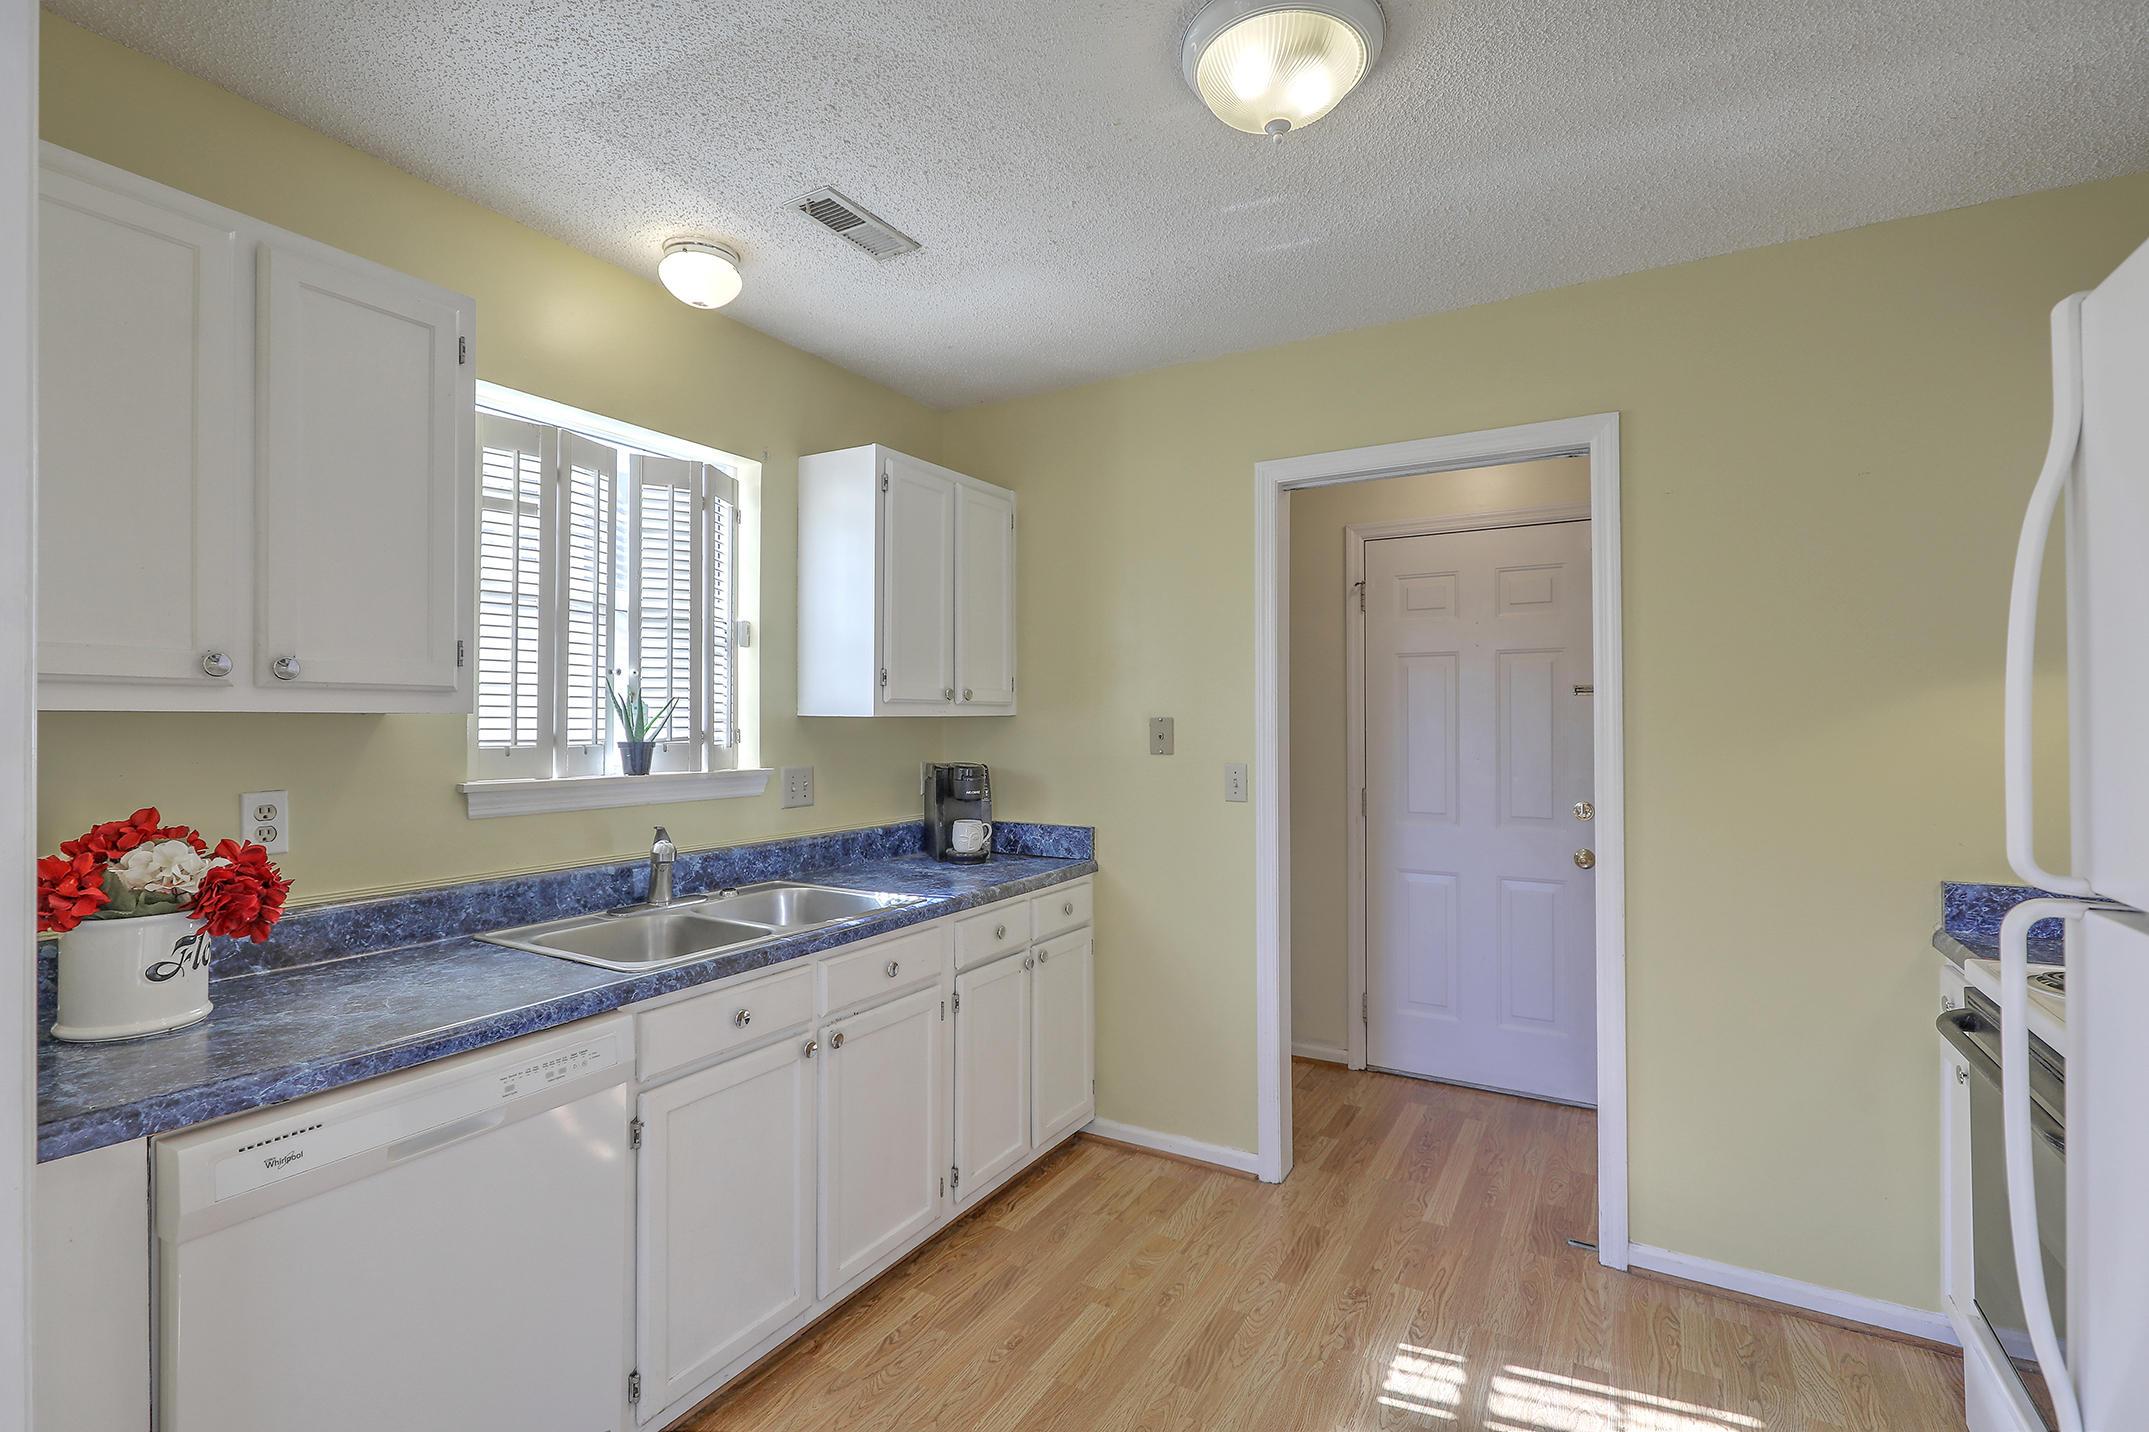 Crichton Parish Homes For Sale - 107 Parish Parc, Summerville, SC - 9